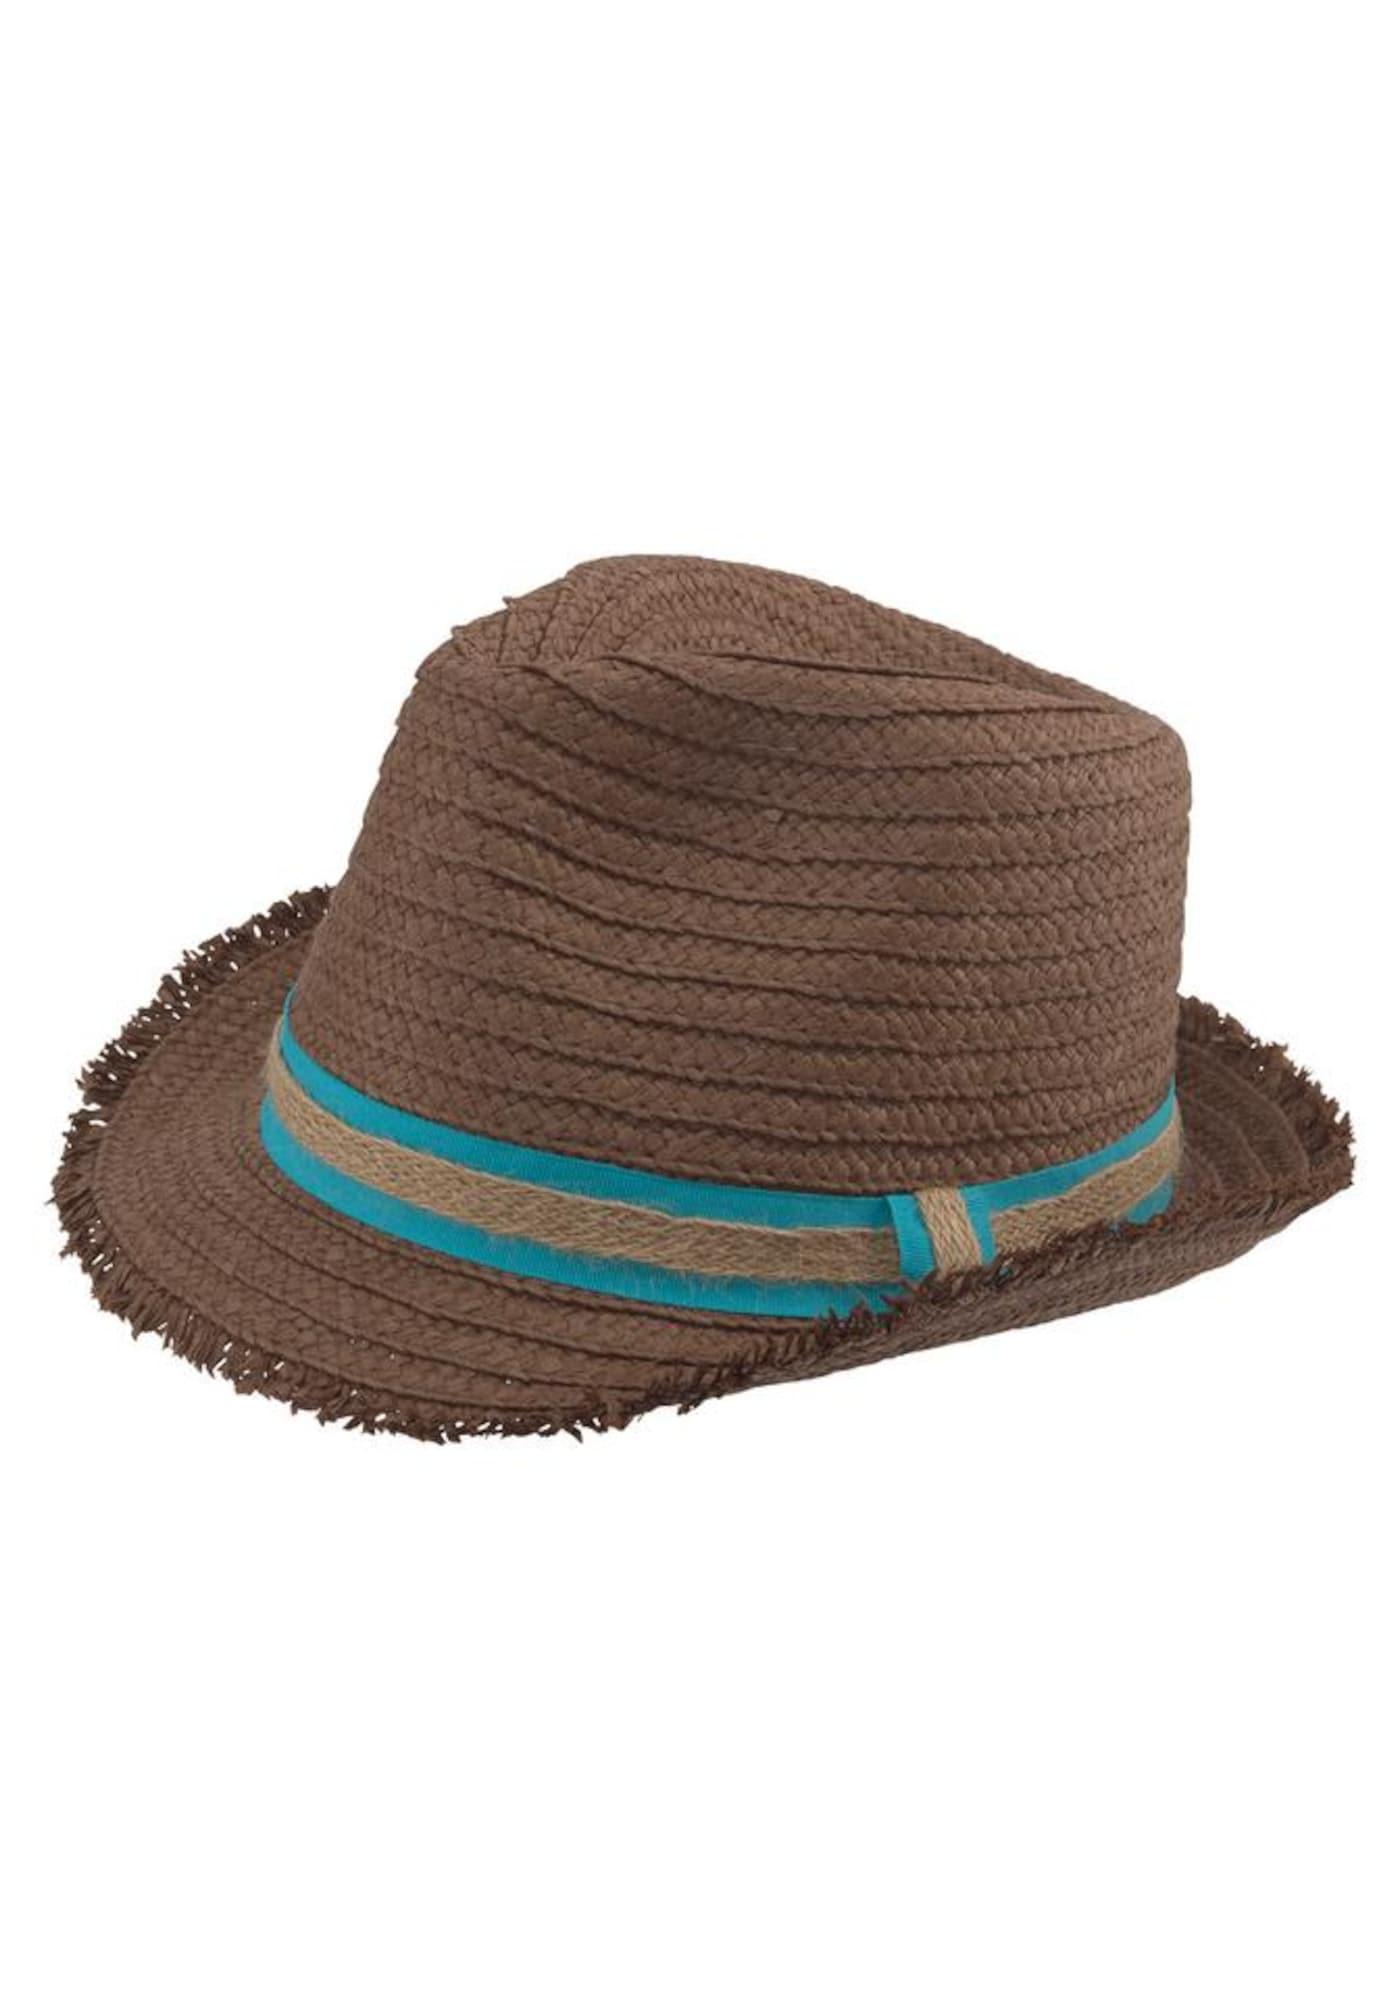 Strohhut   Accessoires > Hüte > Strohhüte   Braun   J. Jayz